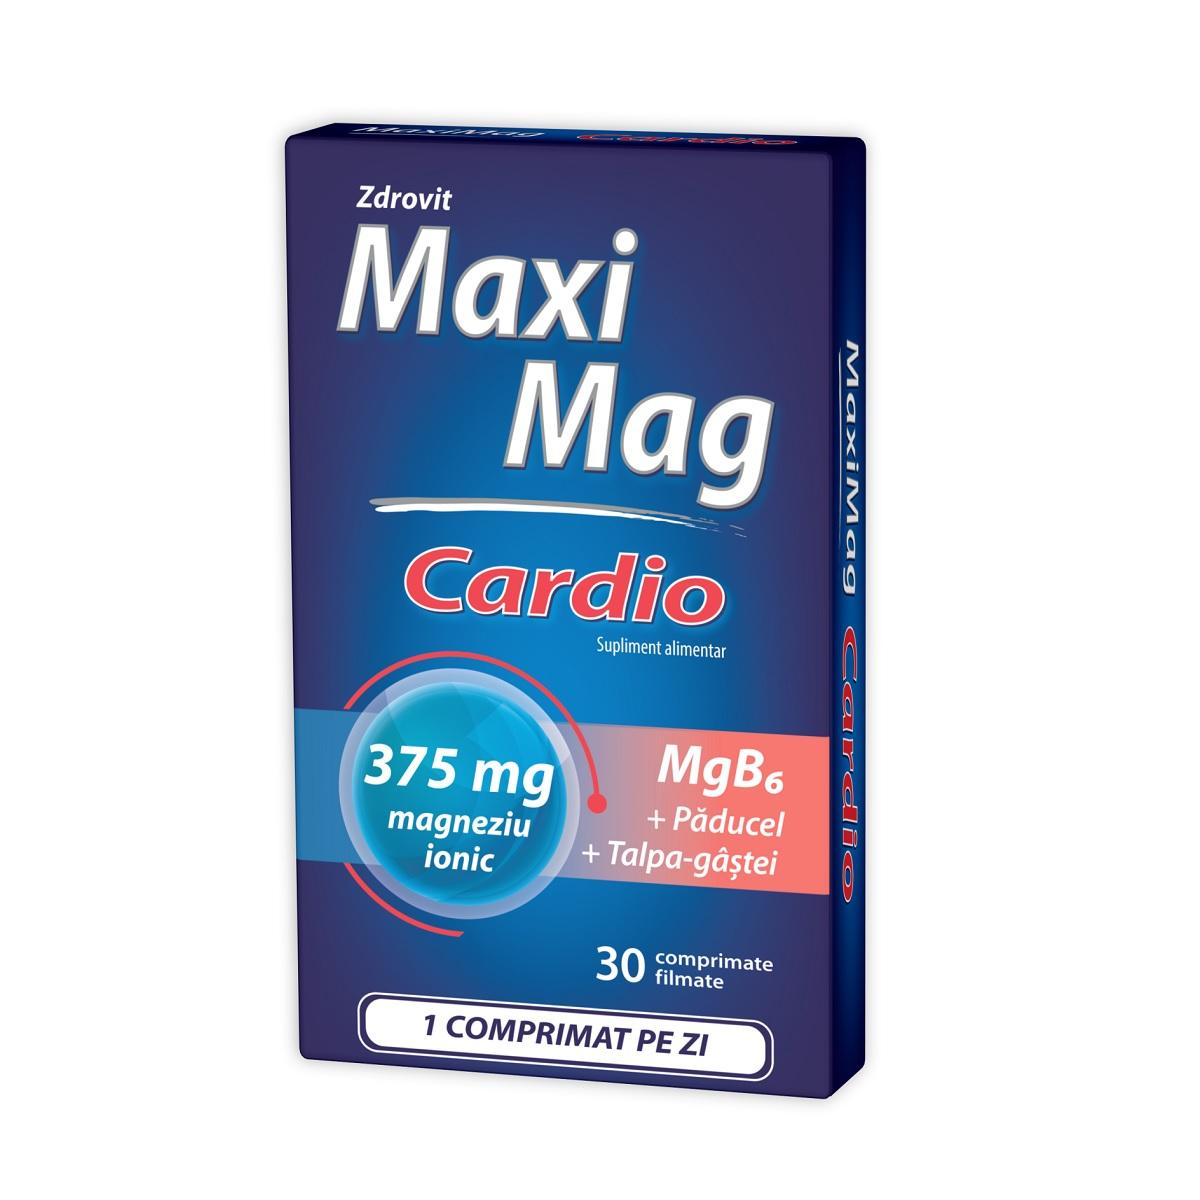 MaxiMag Cardio 375 mg, 30 comprimate, Zdrovit imagine produs 2021